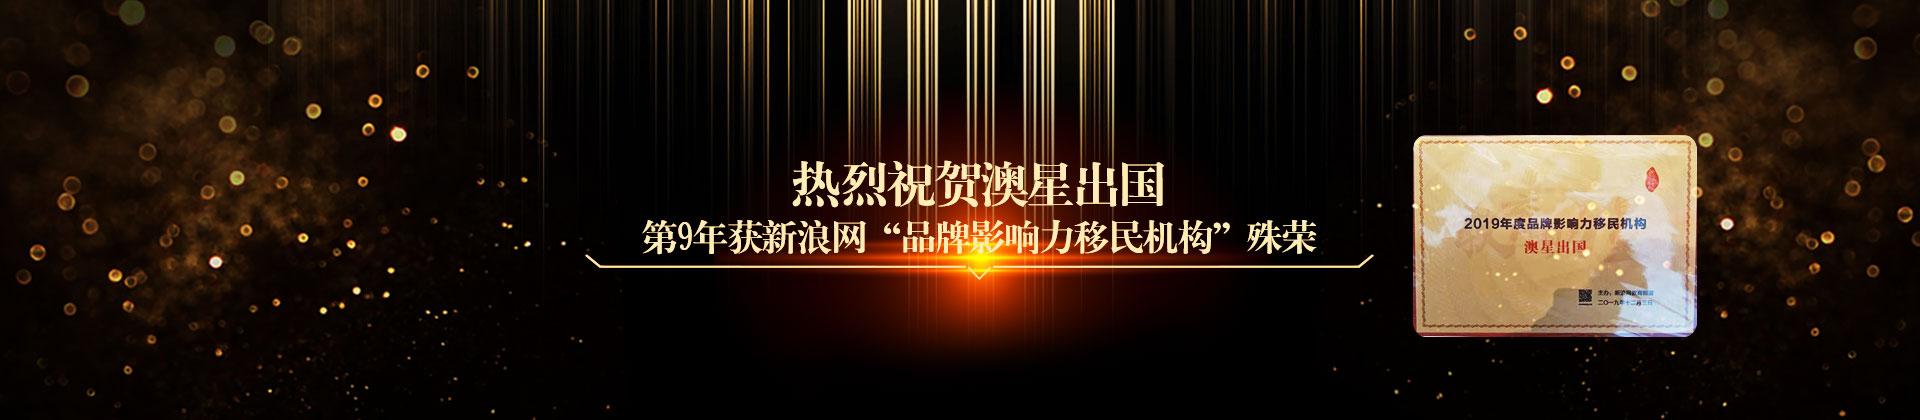 雷火电竞荣誉